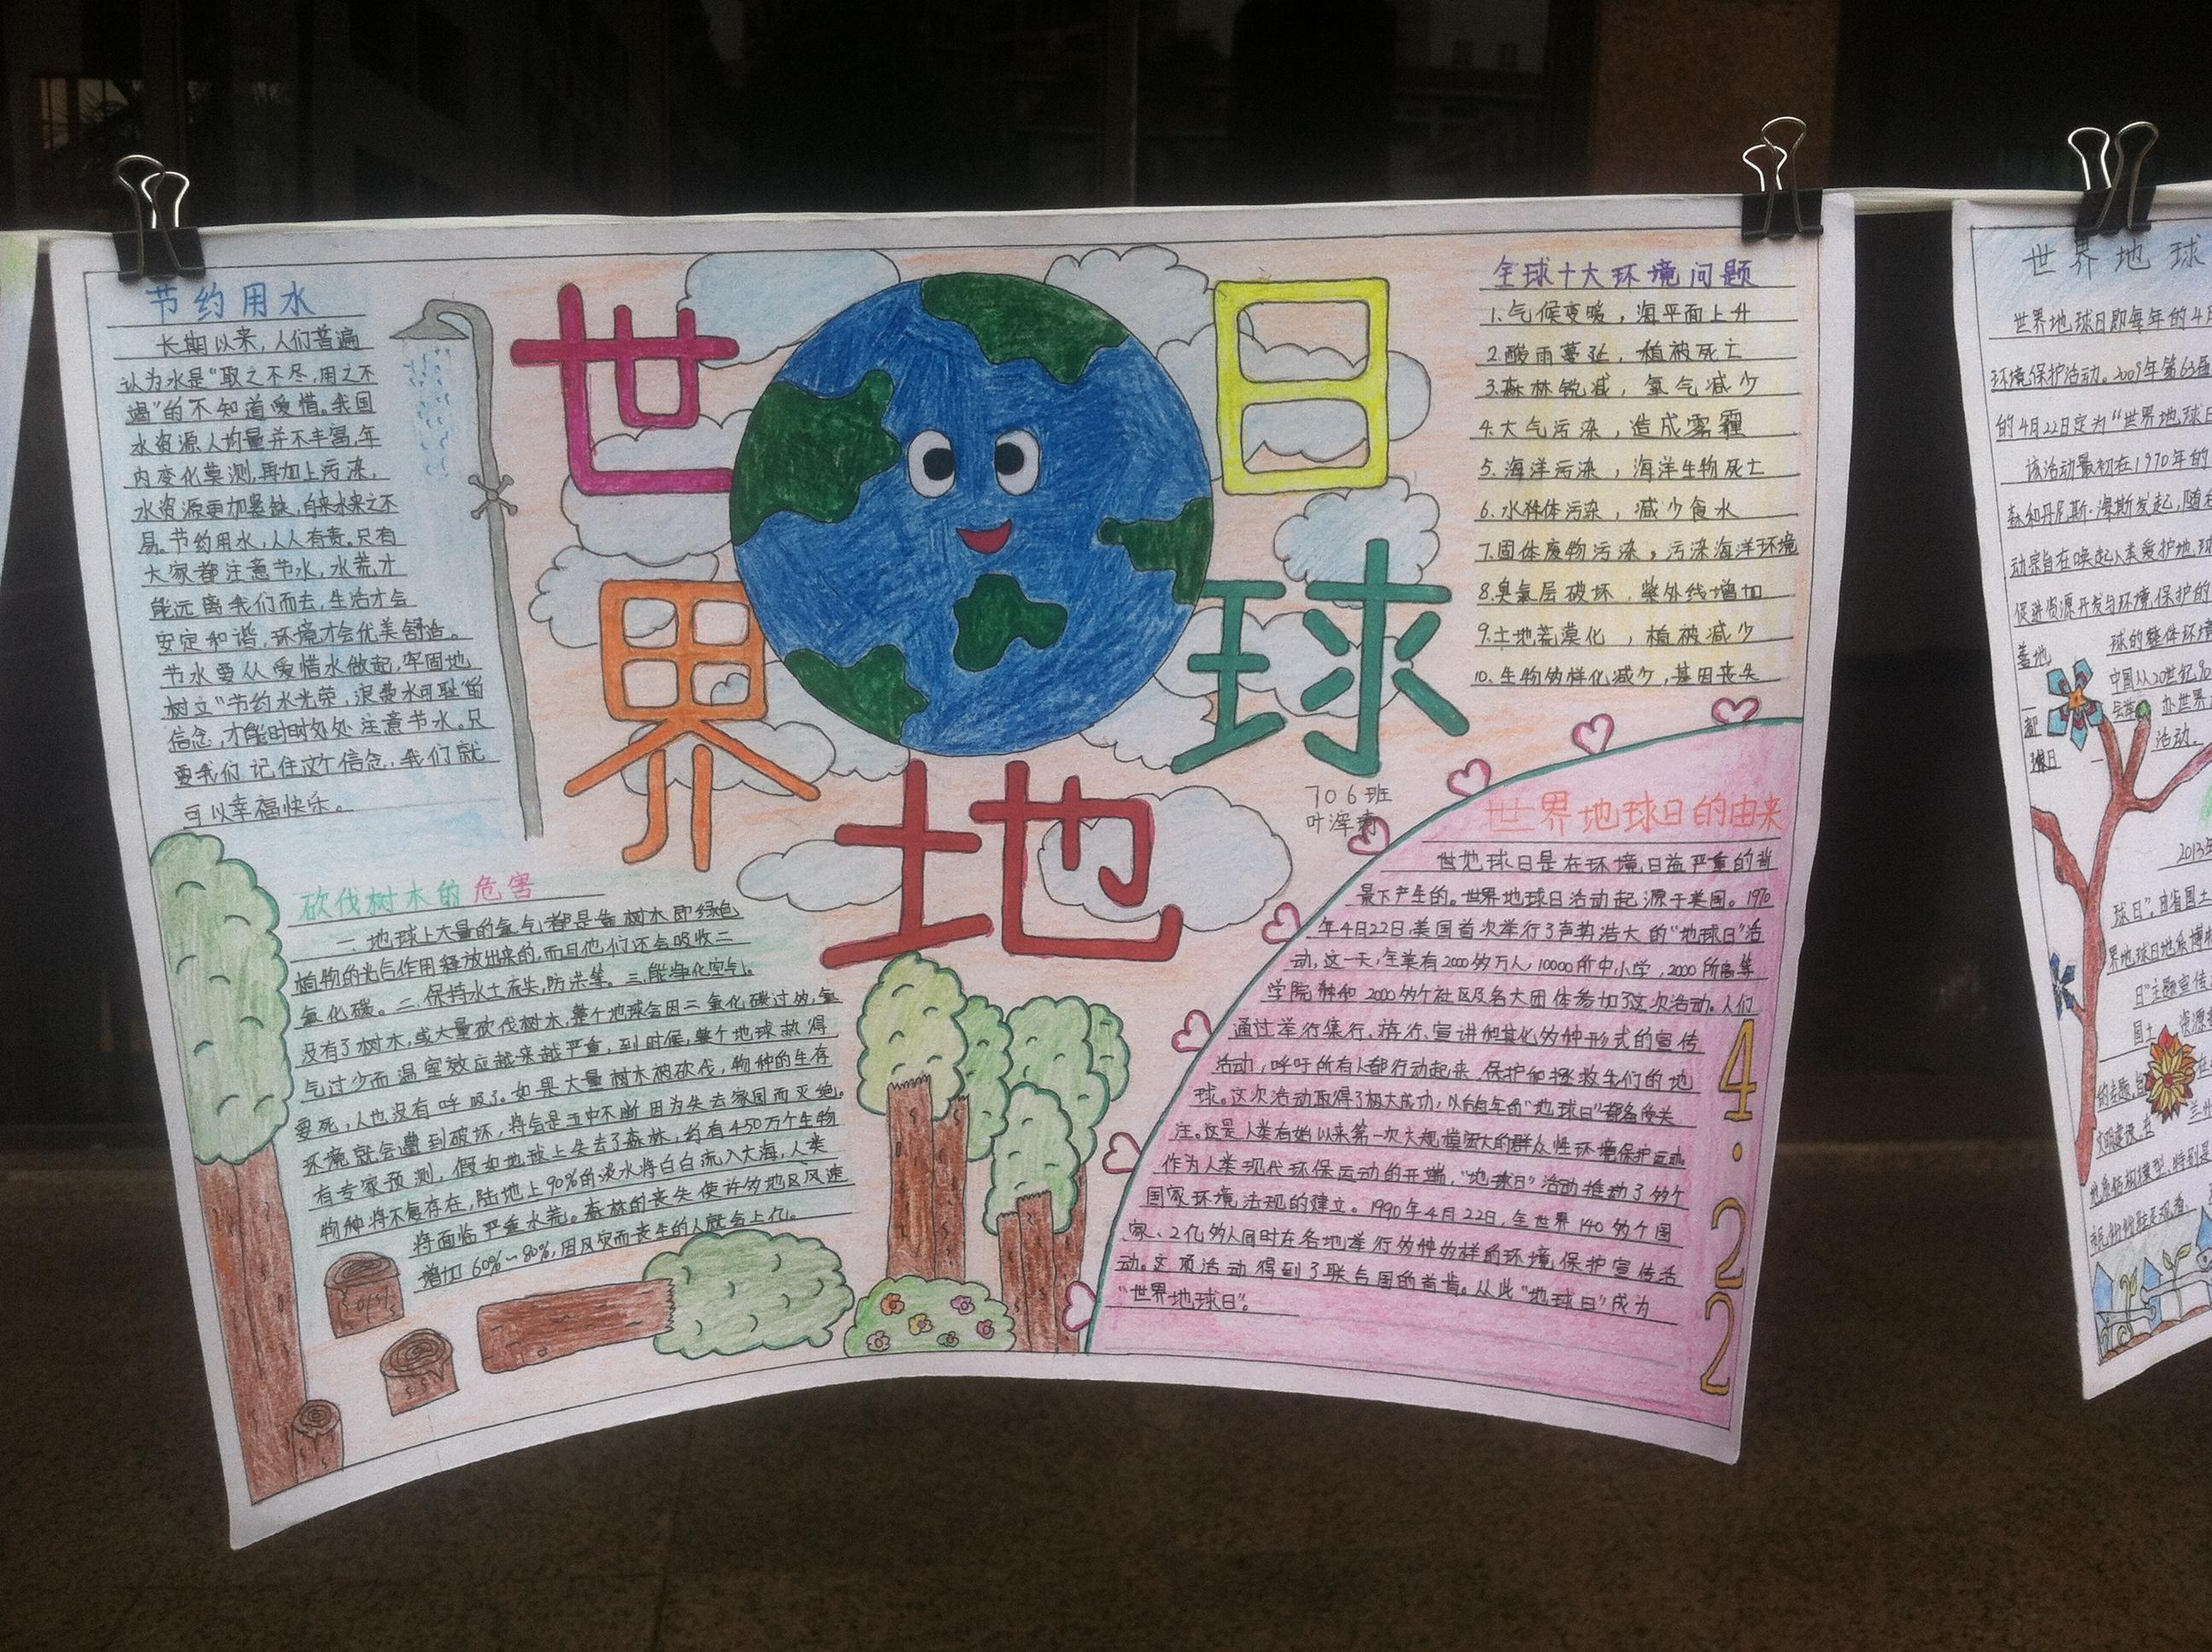 保护地球手抄报